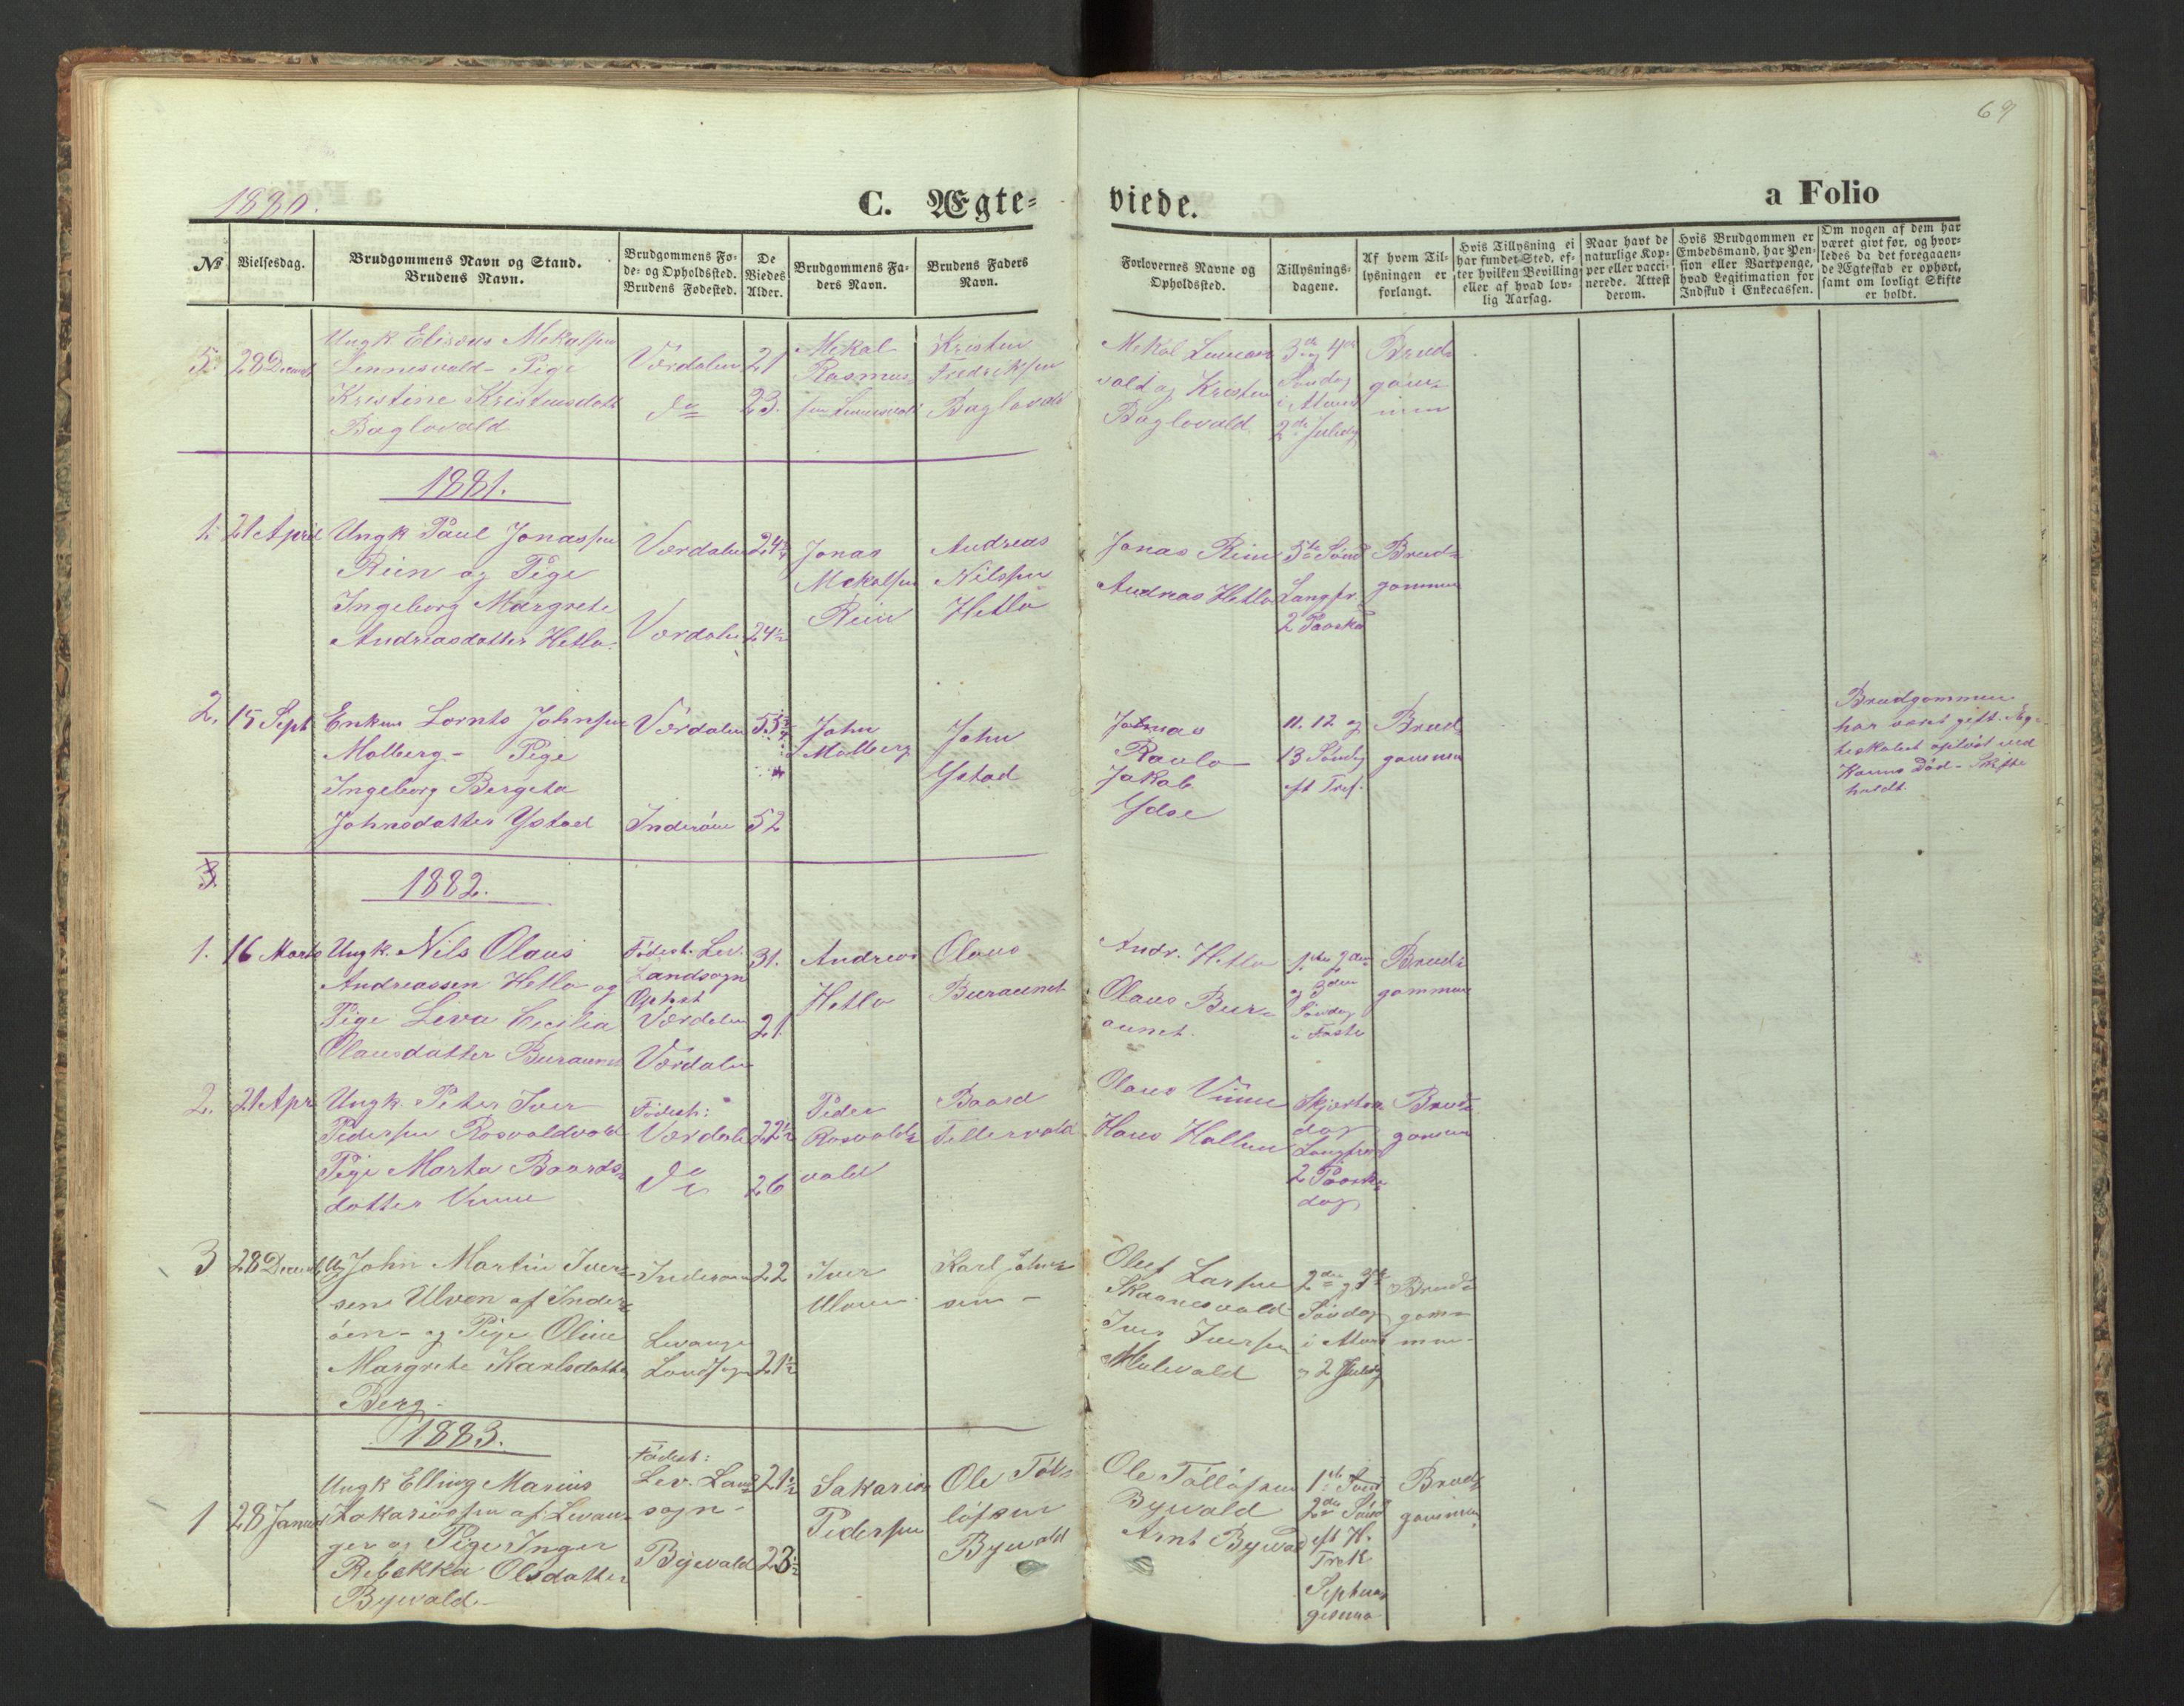 SAT, Ministerialprotokoller, klokkerbøker og fødselsregistre - Nord-Trøndelag, 726/L0271: Klokkerbok nr. 726C02, 1869-1897, s. 69